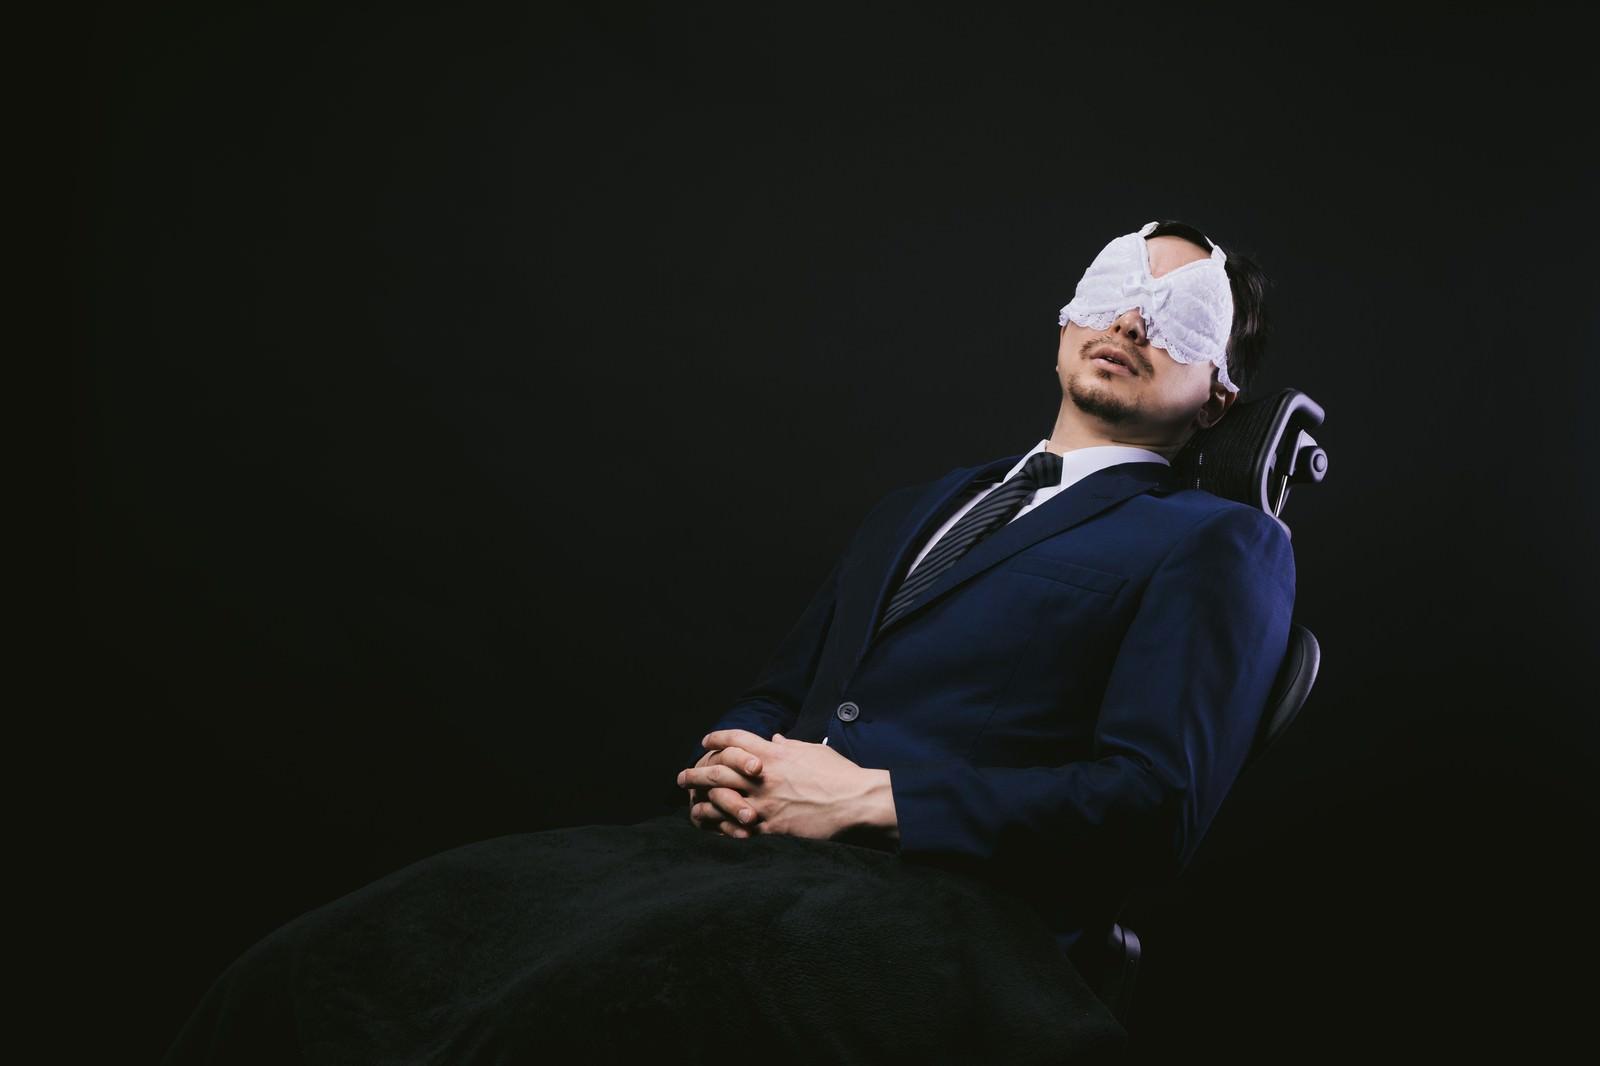 「業務中にレースのアイマスクを装着して仮眠を取るサラリーマン業務中にレースのアイマスクを装着して仮眠を取るサラリーマン」[モデル:Max_Ezaki]のフリー写真素材を拡大